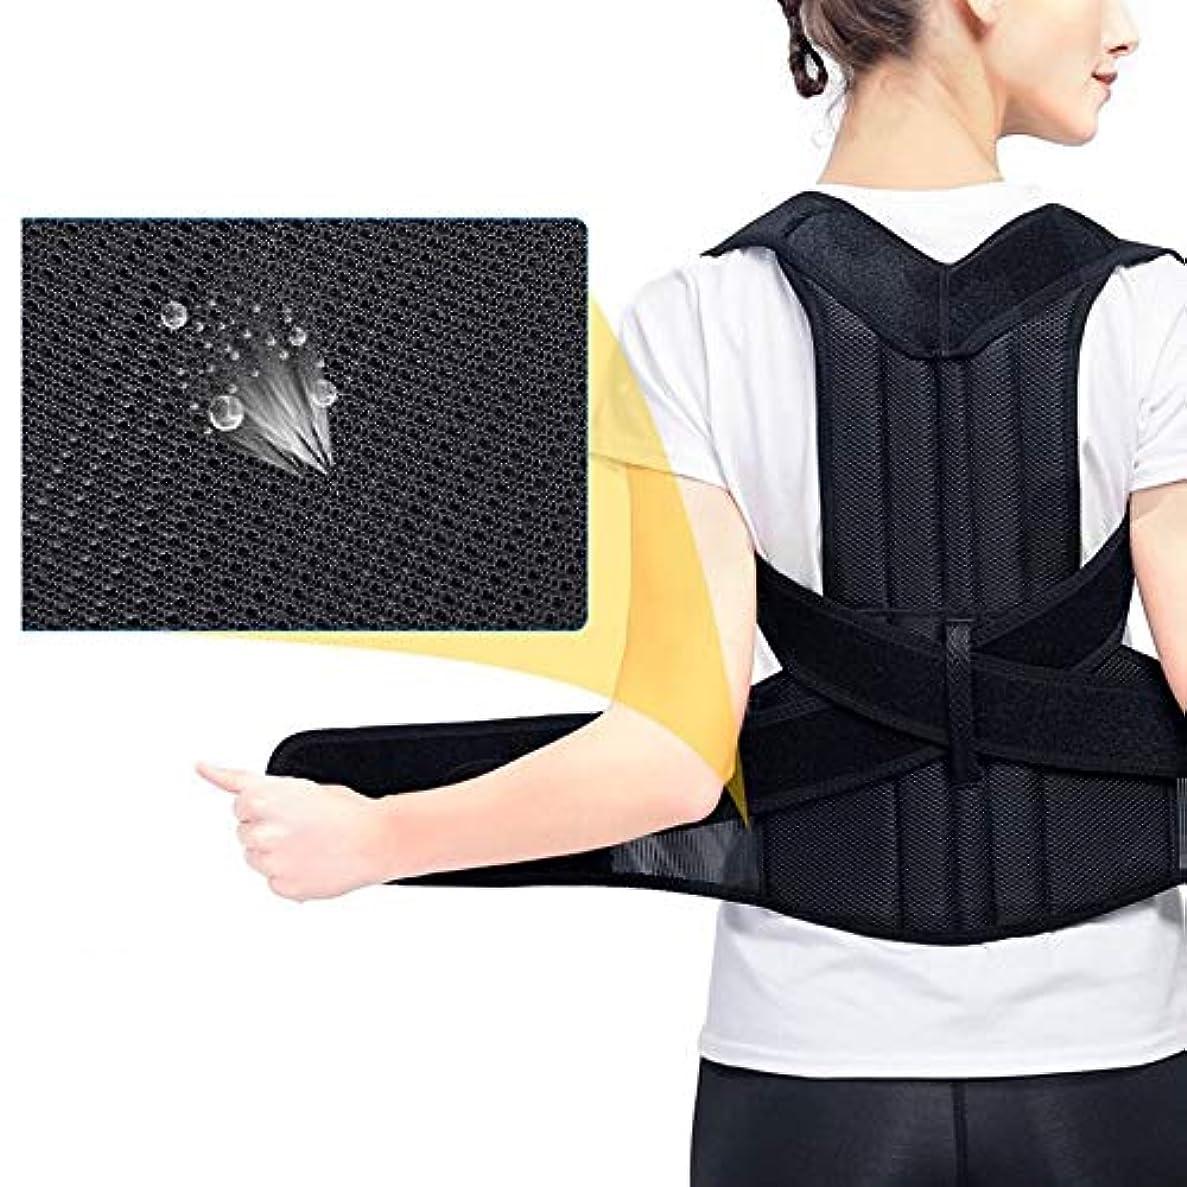 免除するイタリアの歌腰椎矯正バックブレース背骨装具側弯症腰椎サポート脊椎湾曲装具固定用姿勢 - 黒